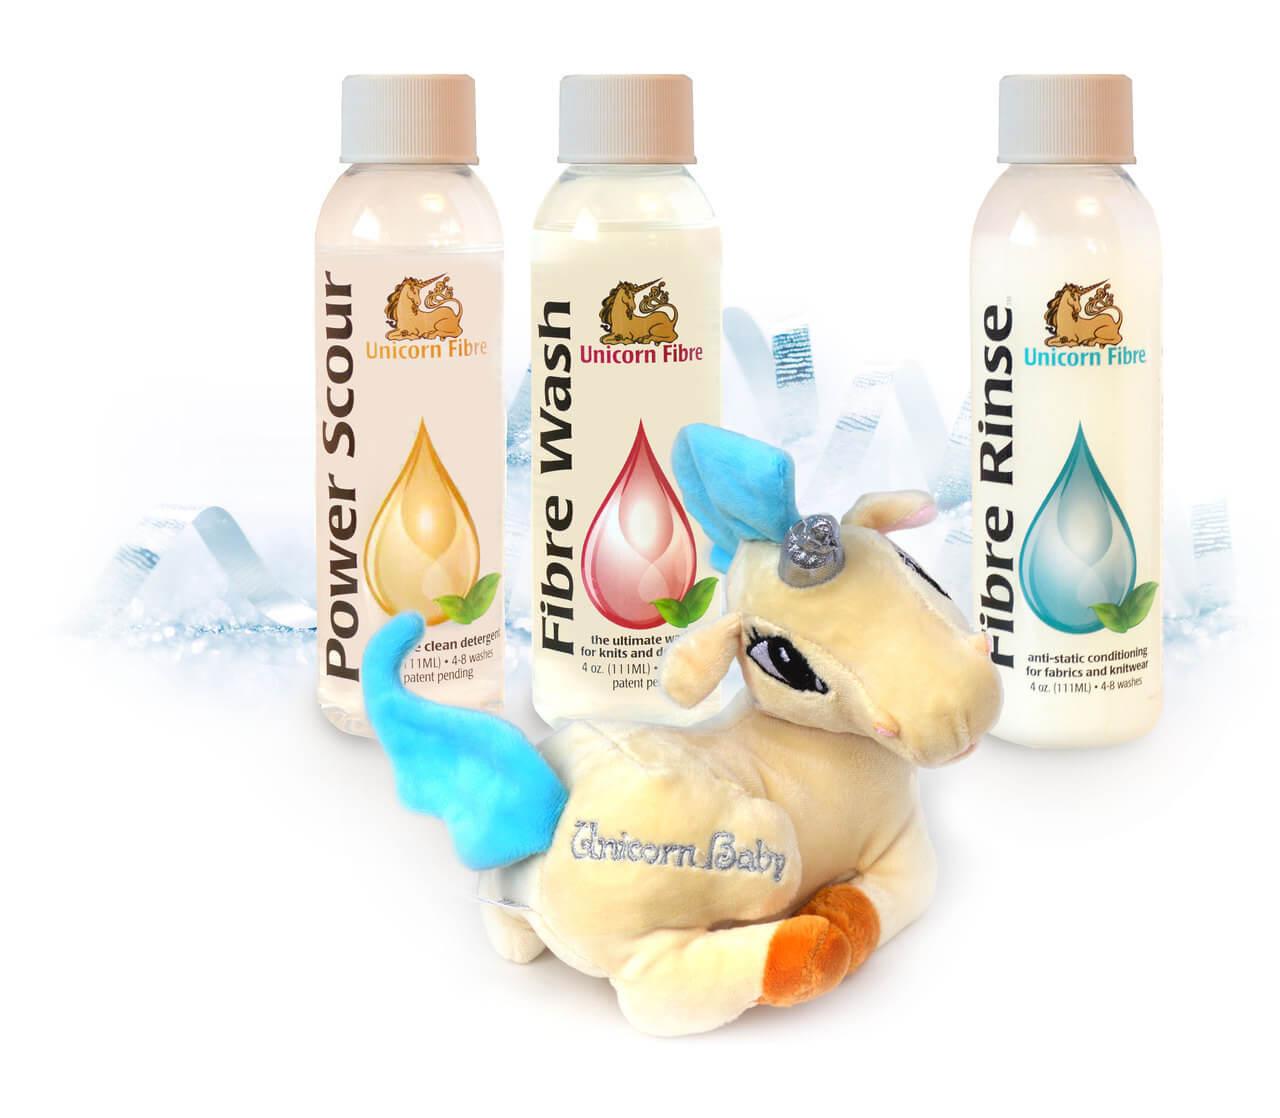 Unicorn_4oz_bottles_gift_set